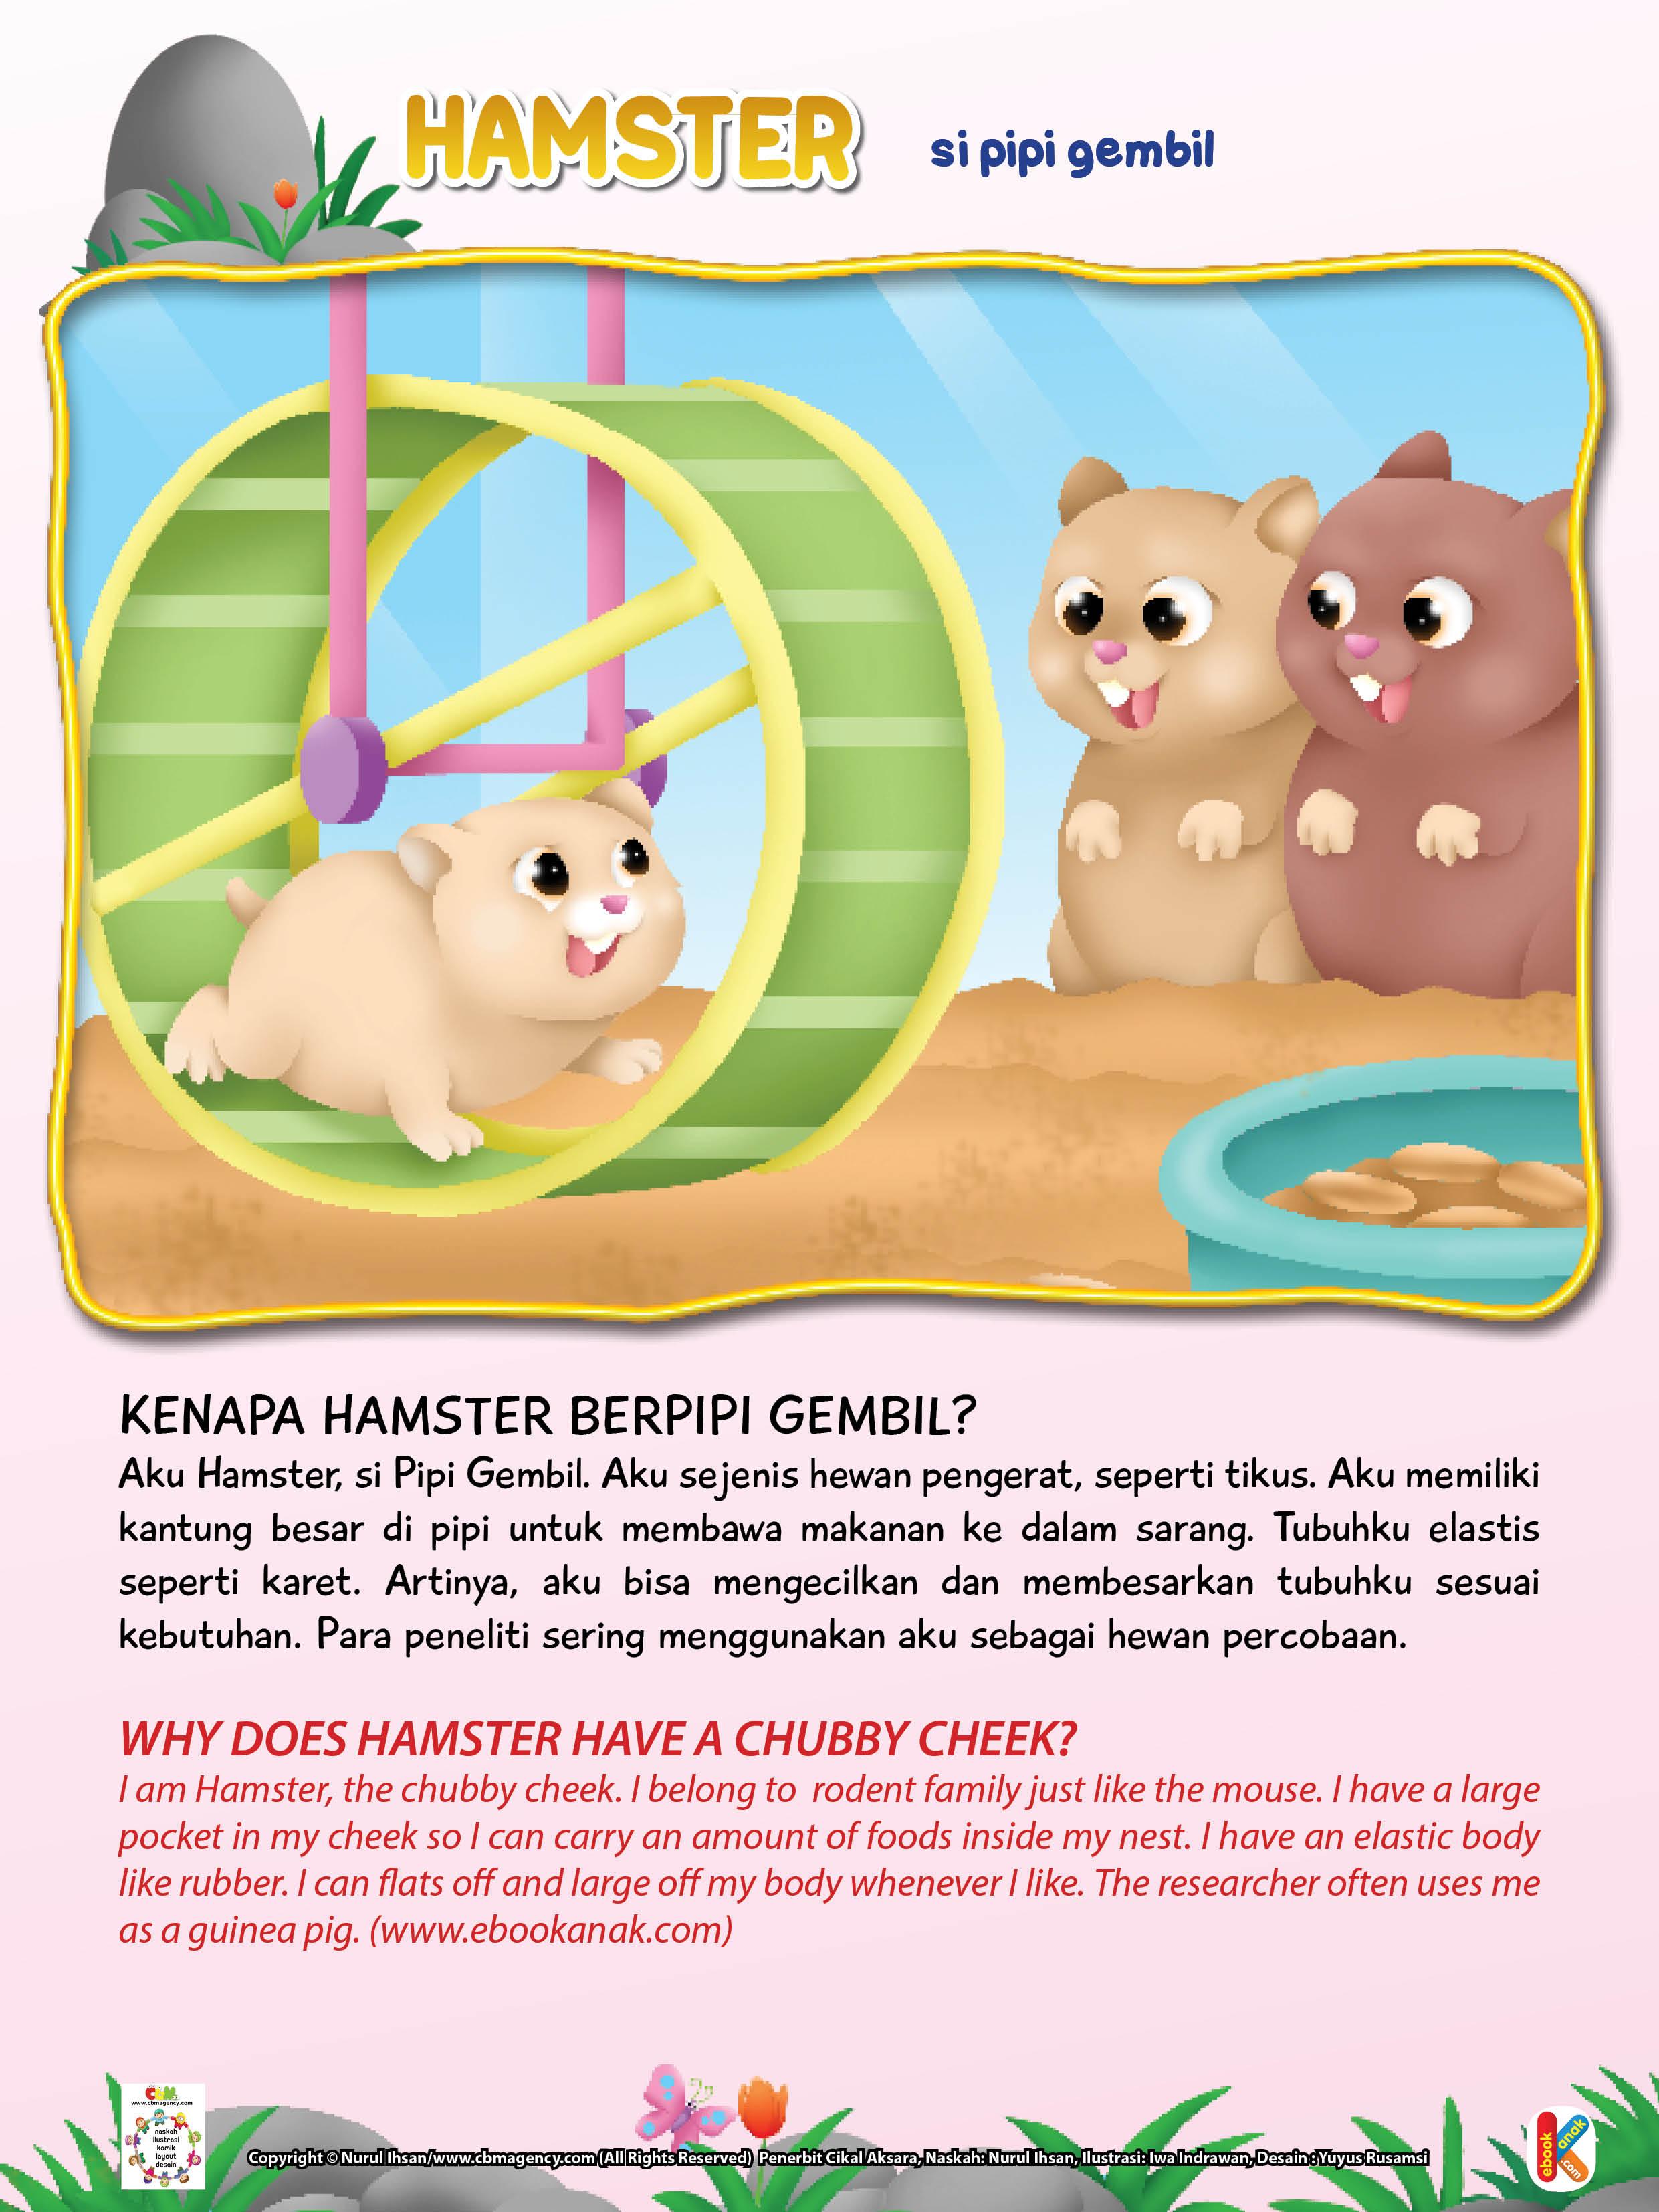 Hamster bisa mengecilkan dan membesarkan  tubuhnya sesuai kebutuhan.